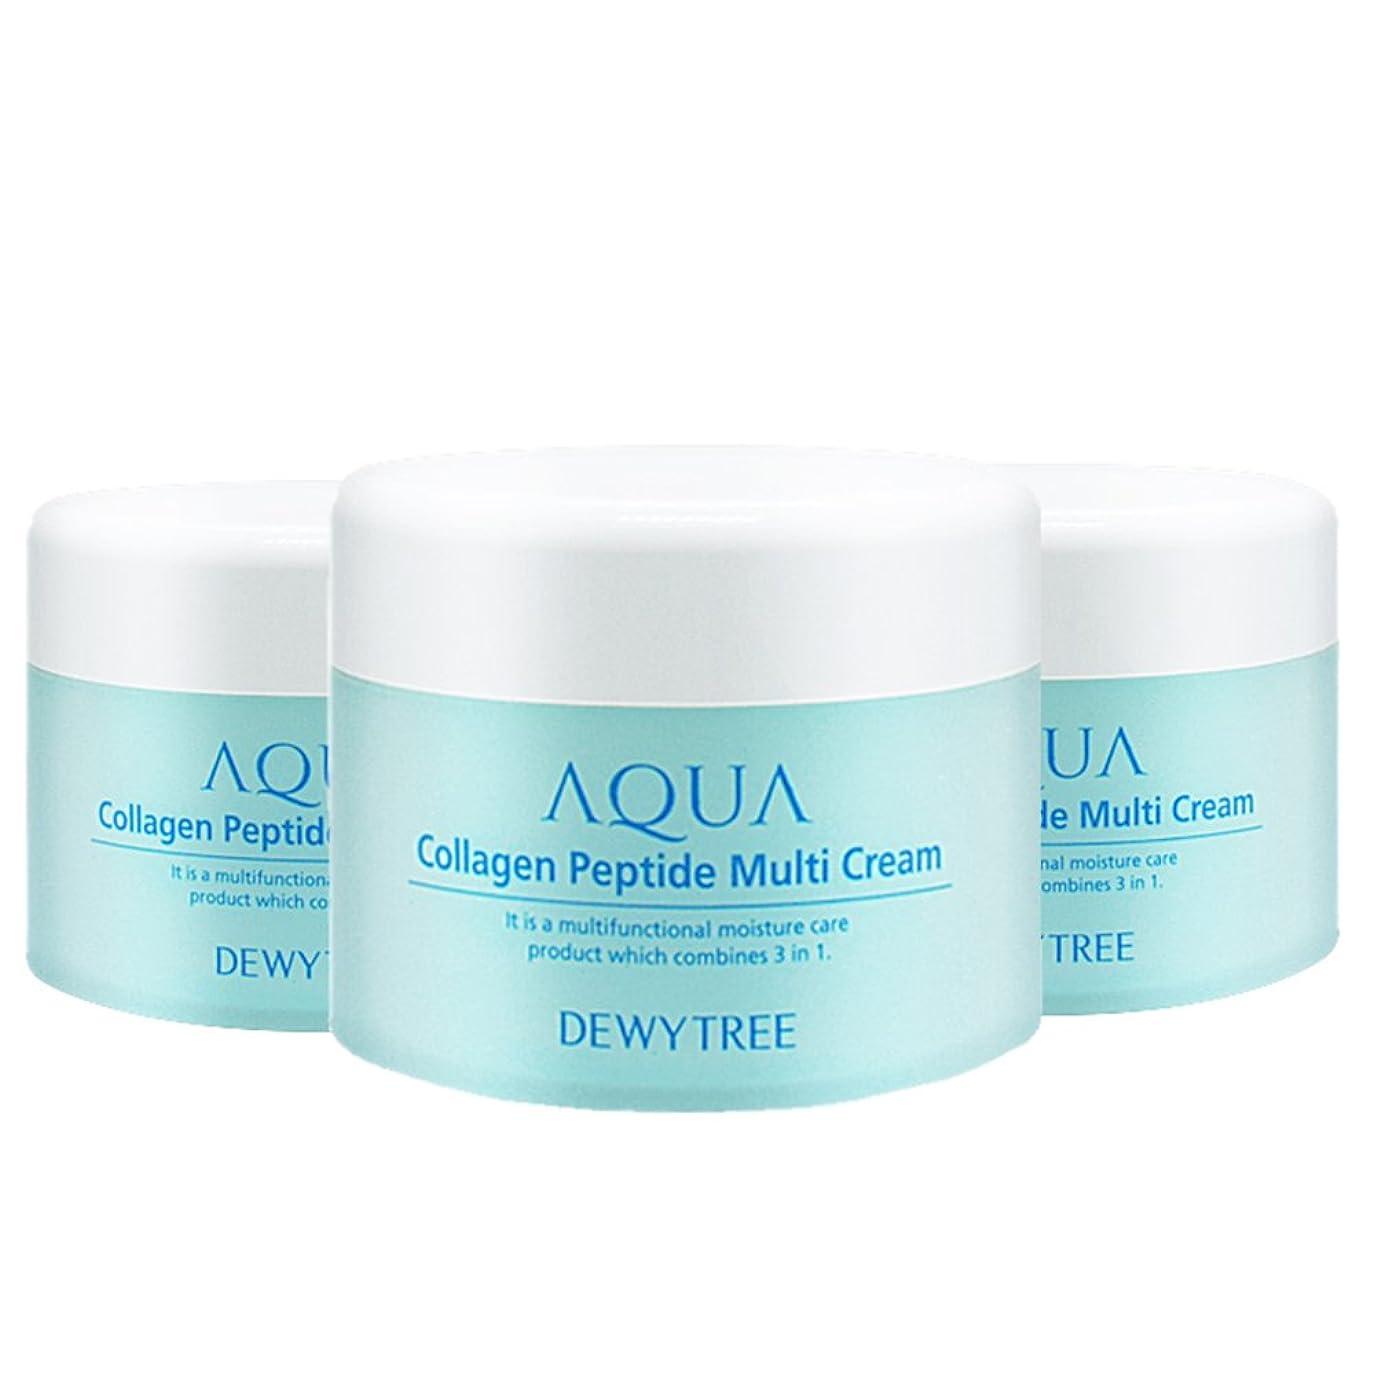 リーガン好奇心盛治安判事(3個セット) x [Dewytree] デュイトゥリー アクアコラーゲン ペプチド マルチクリーム Aqua Collagen Peptide Multi Cream (50ml x 3) / [並行輸入品]